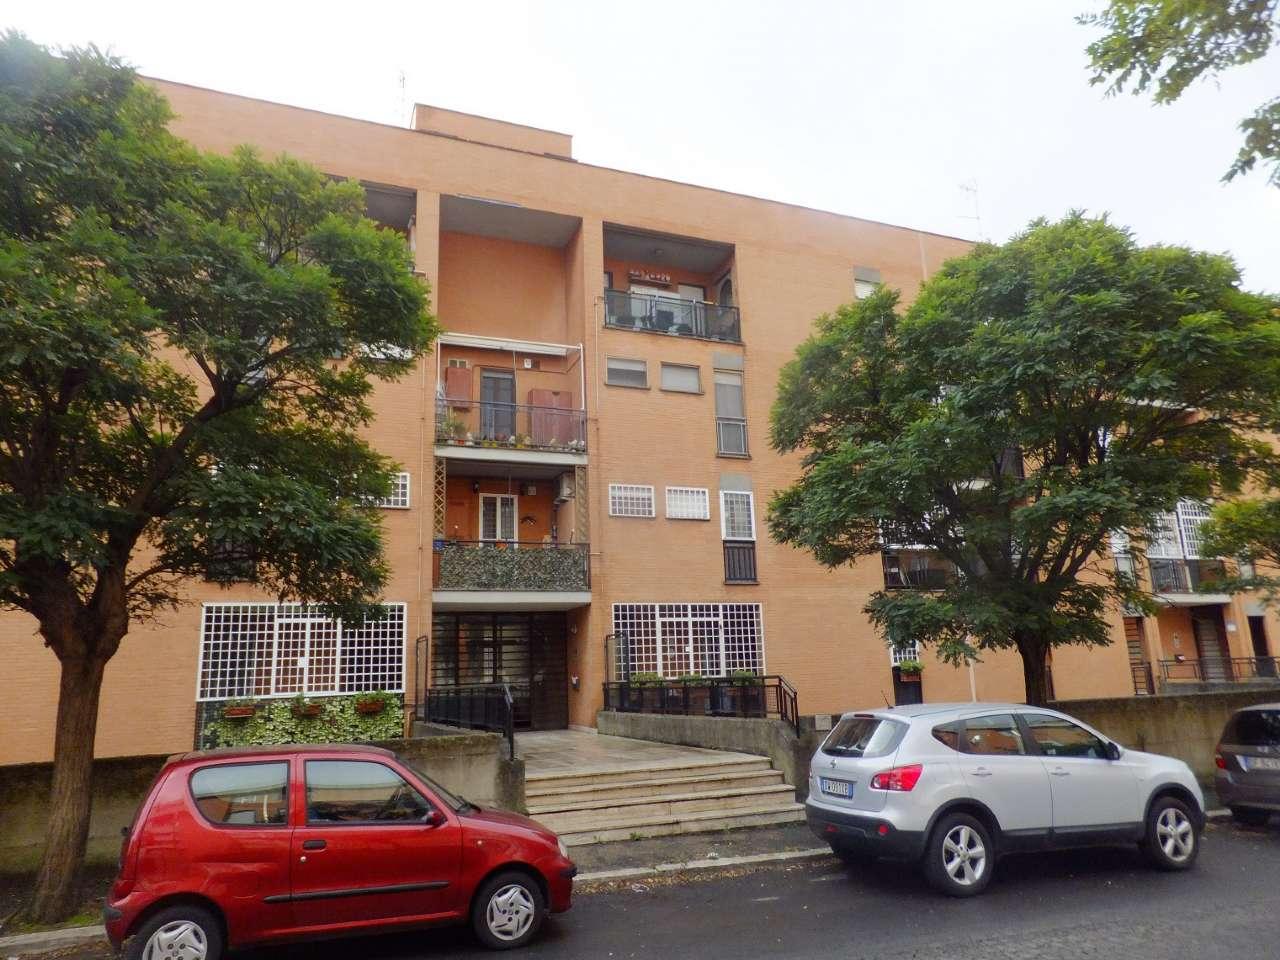 Appartamento in vendita a Roma, 3 locali, zona Zona: 38 . Acilia, Vitinia, Infernetto, Axa, Casal Palocco, Madonnetta, prezzo € 150.000 | CambioCasa.it